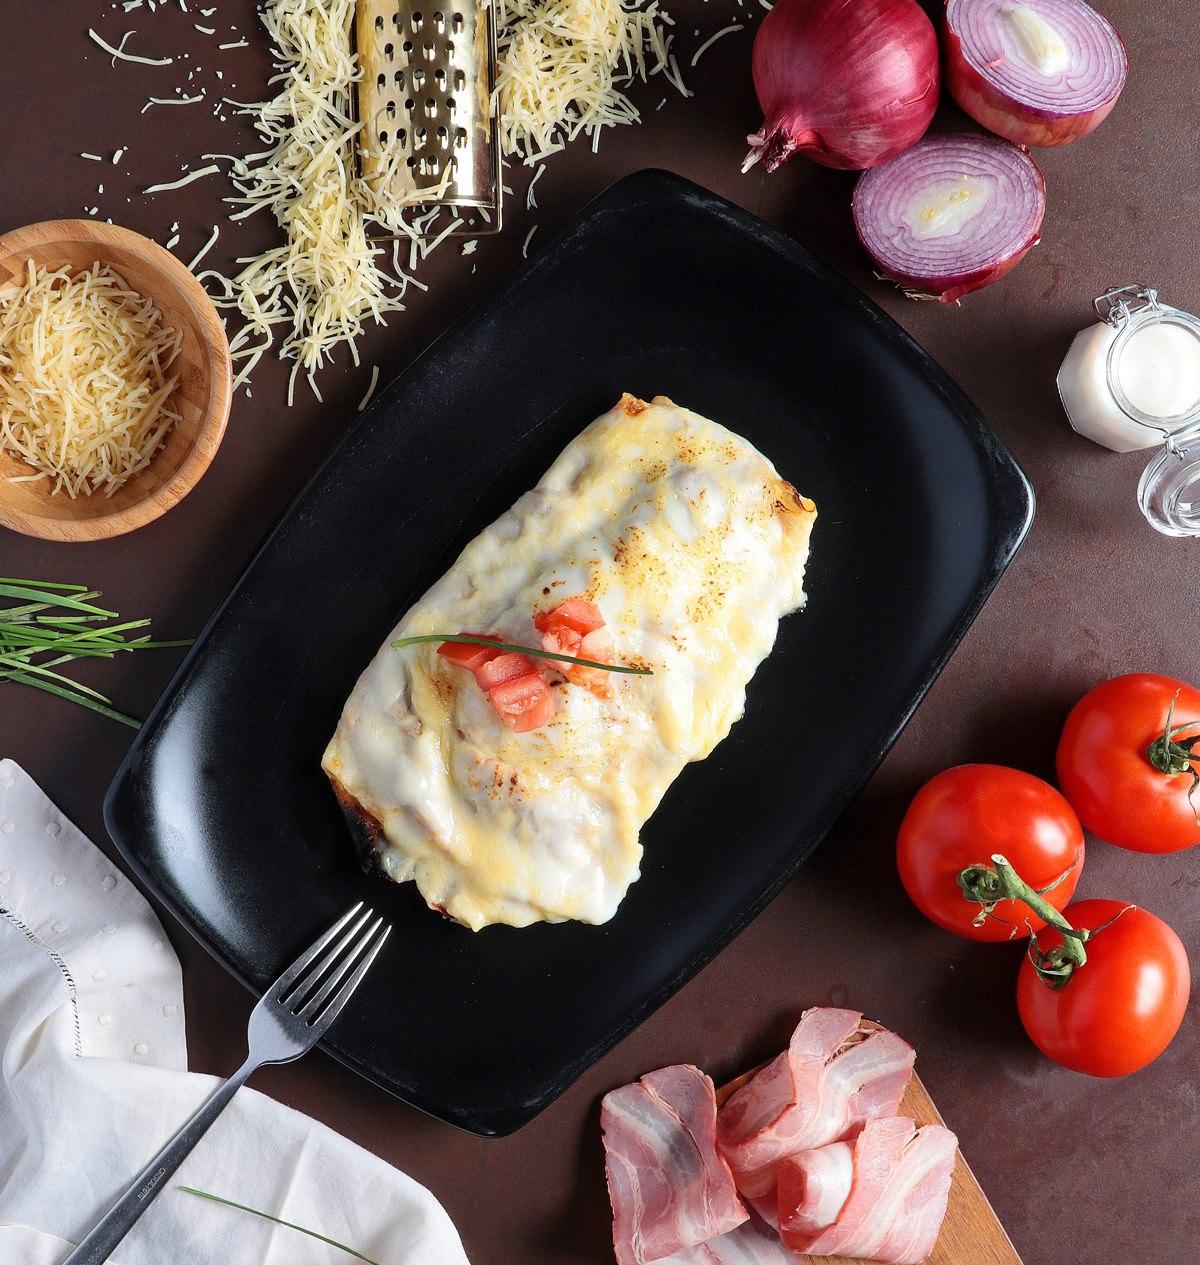 tomate en cocina italiana - El tomate en la cocina italiana